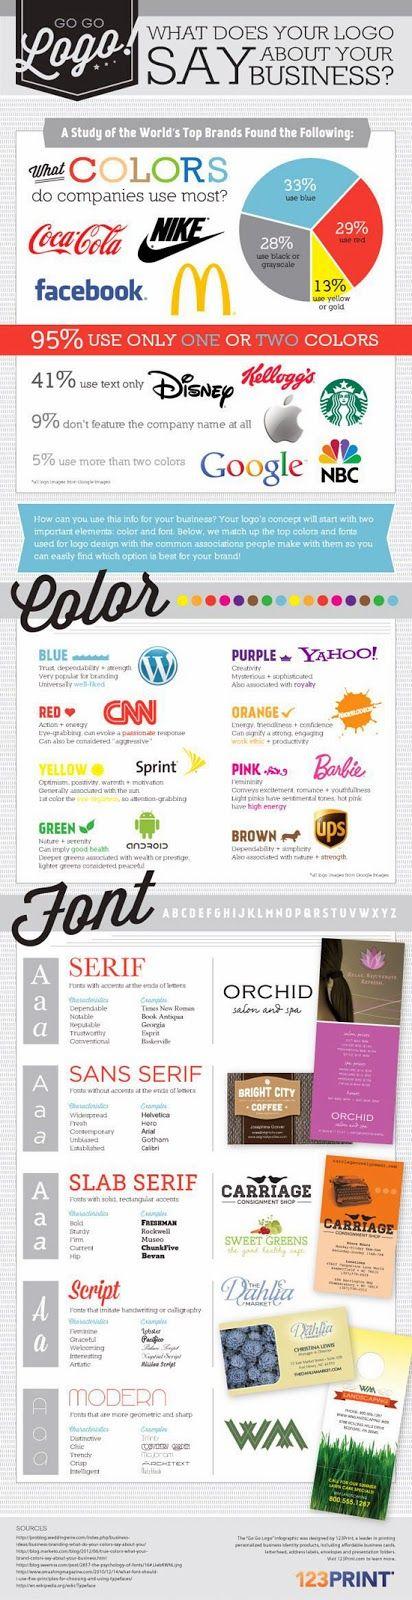 Applexlogos: Utilizzo del colore nei loghi aziendali :: Loghi aziendali :: Gallerie creative :: Ispirazioni ::